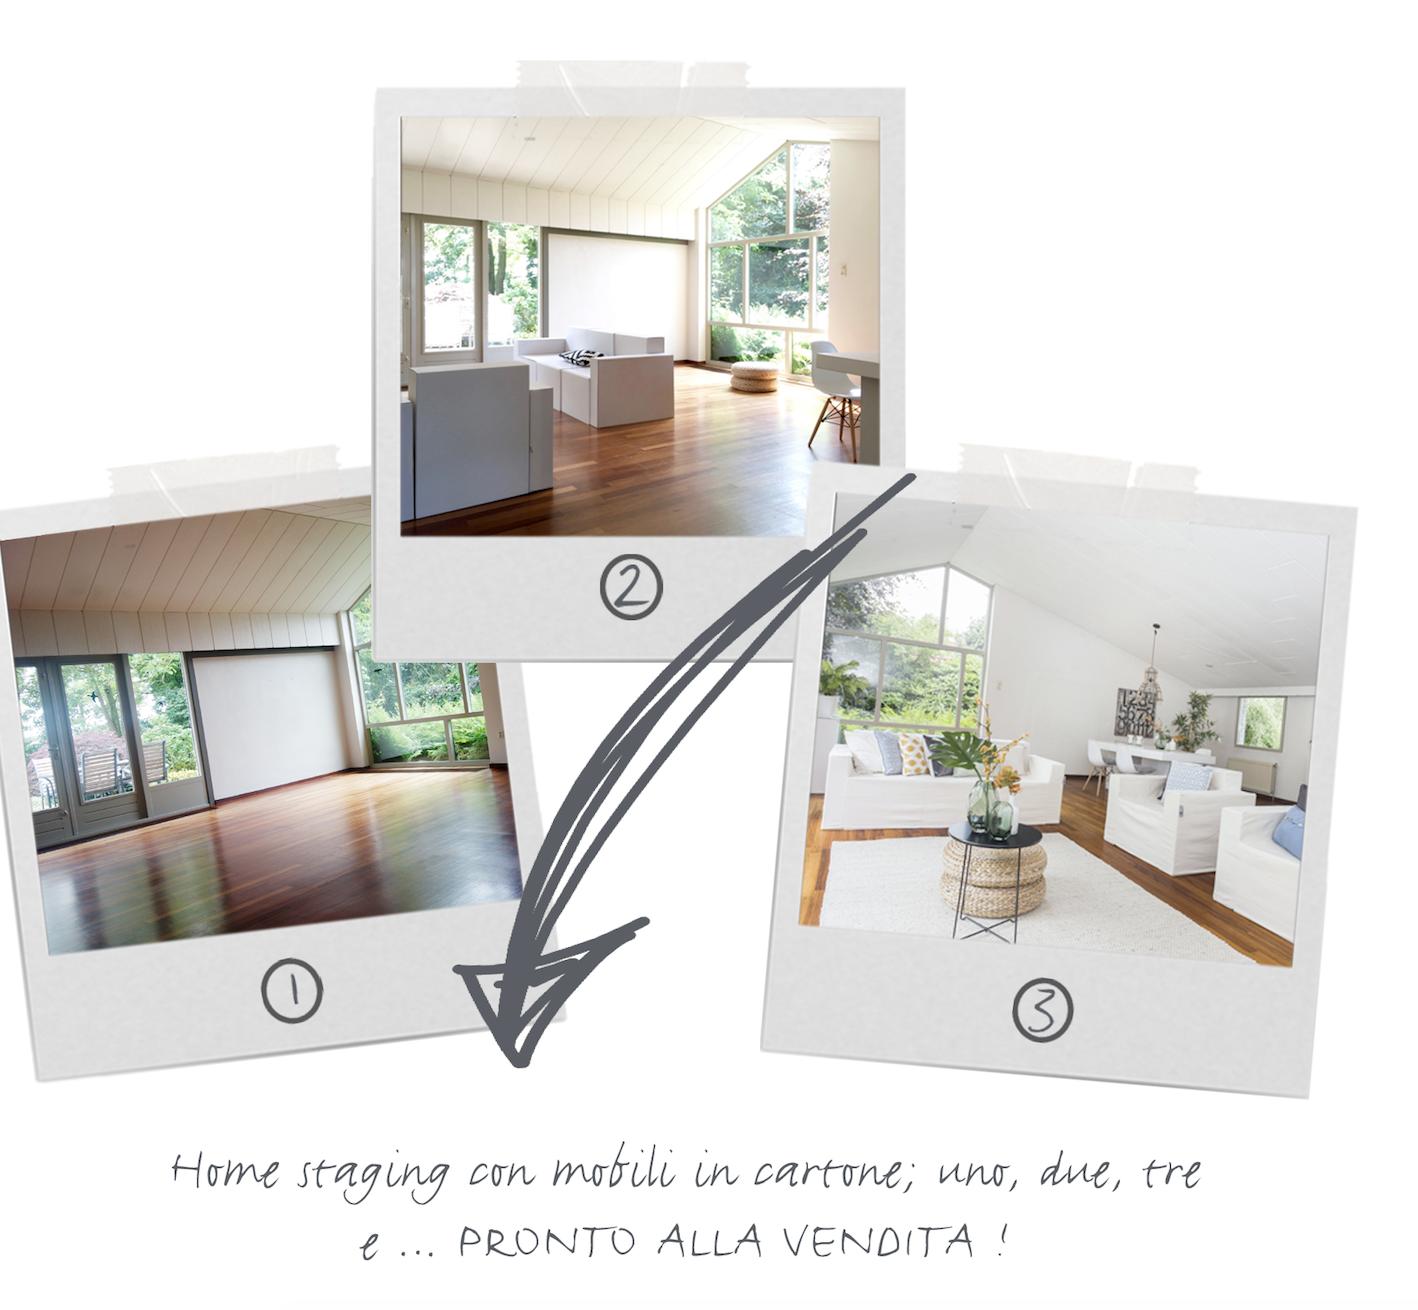 HOME STAGING LOVERS: Home staging con mobili in cartone CUBIQZ; uno, due, tre  e … PRONTO ALLA VENDITA !